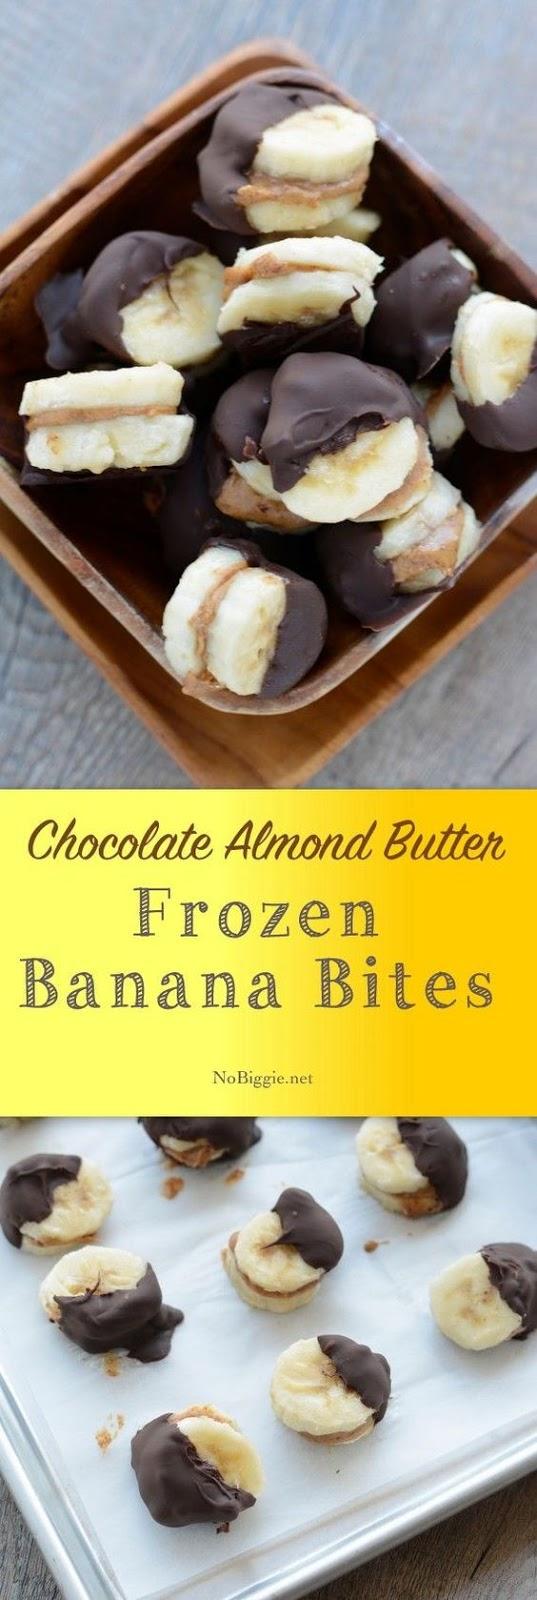 Frozen Banana Bites #frozen #banana #bites #frozenbanana #healthysnack #easyhealthysnack #healthyfood